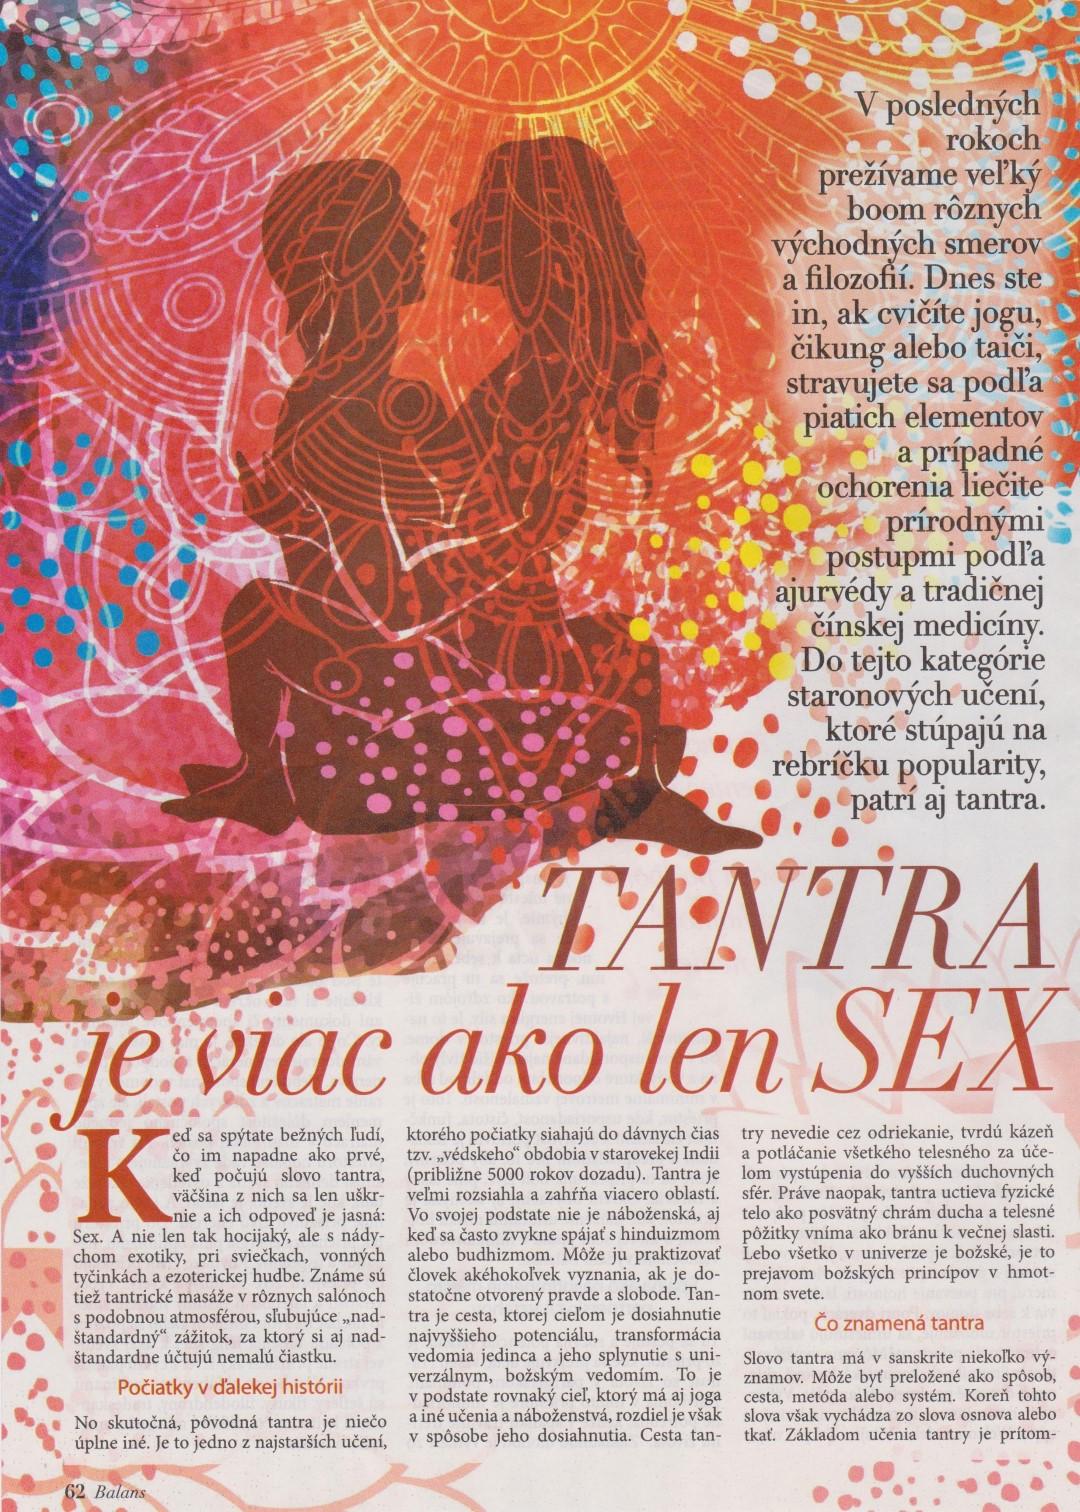 Tantra je viac ako len sex